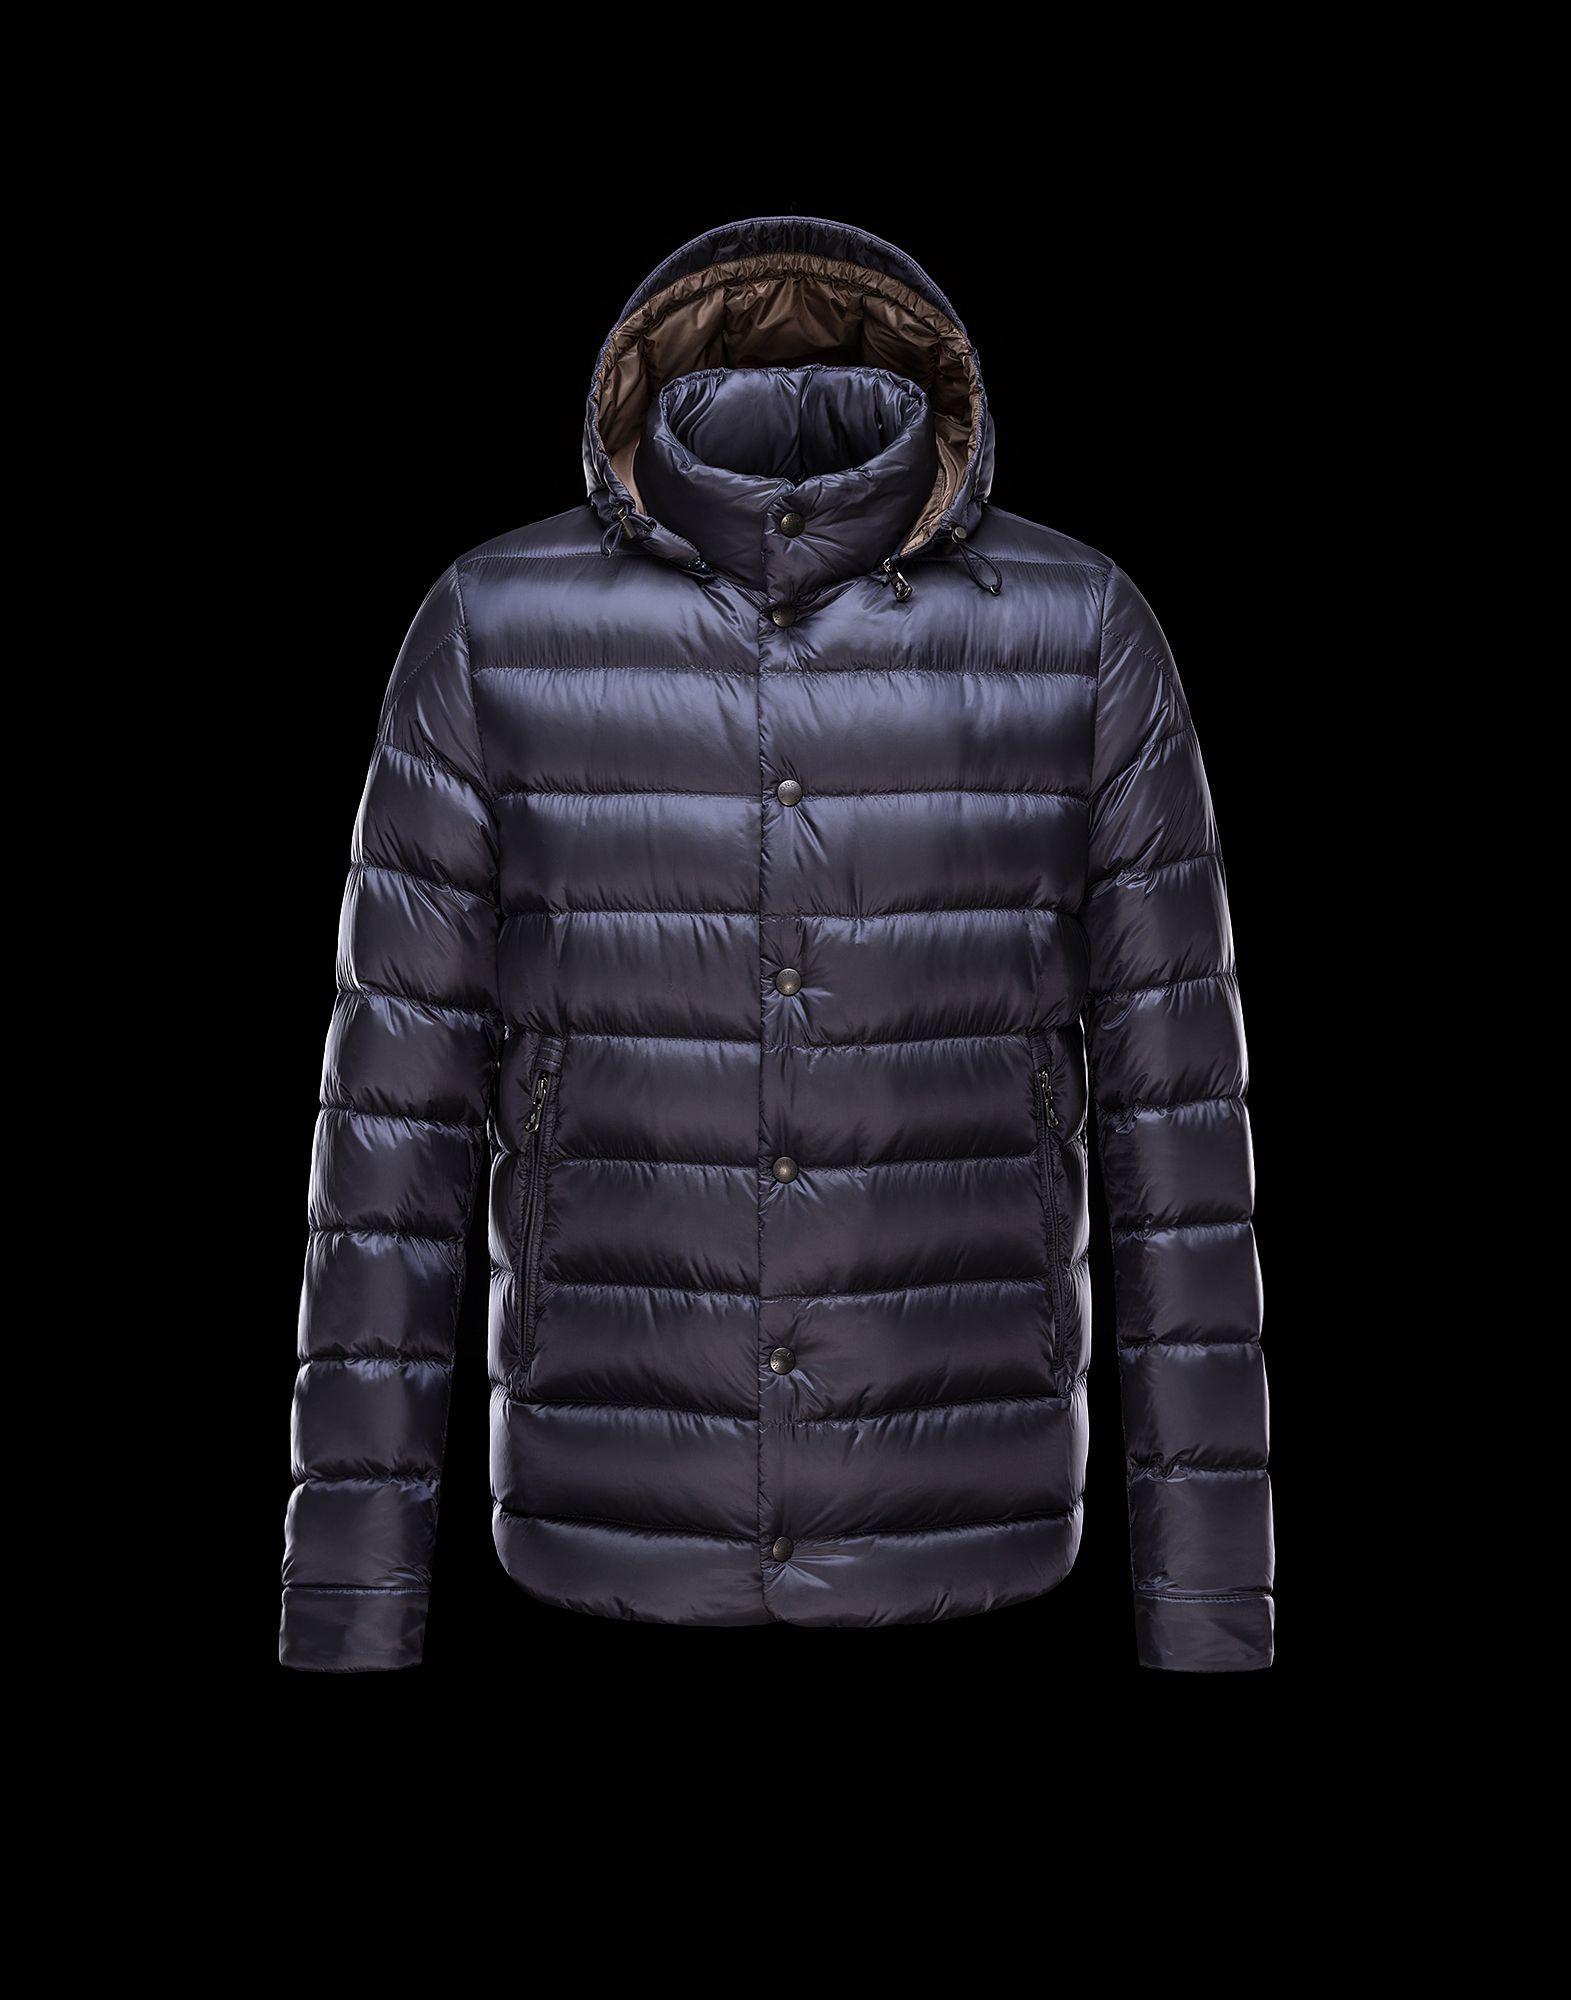 5f84b72af Moncler arles | Moncler Jacket For Man | Moncler, Jackets, Outerwear ...